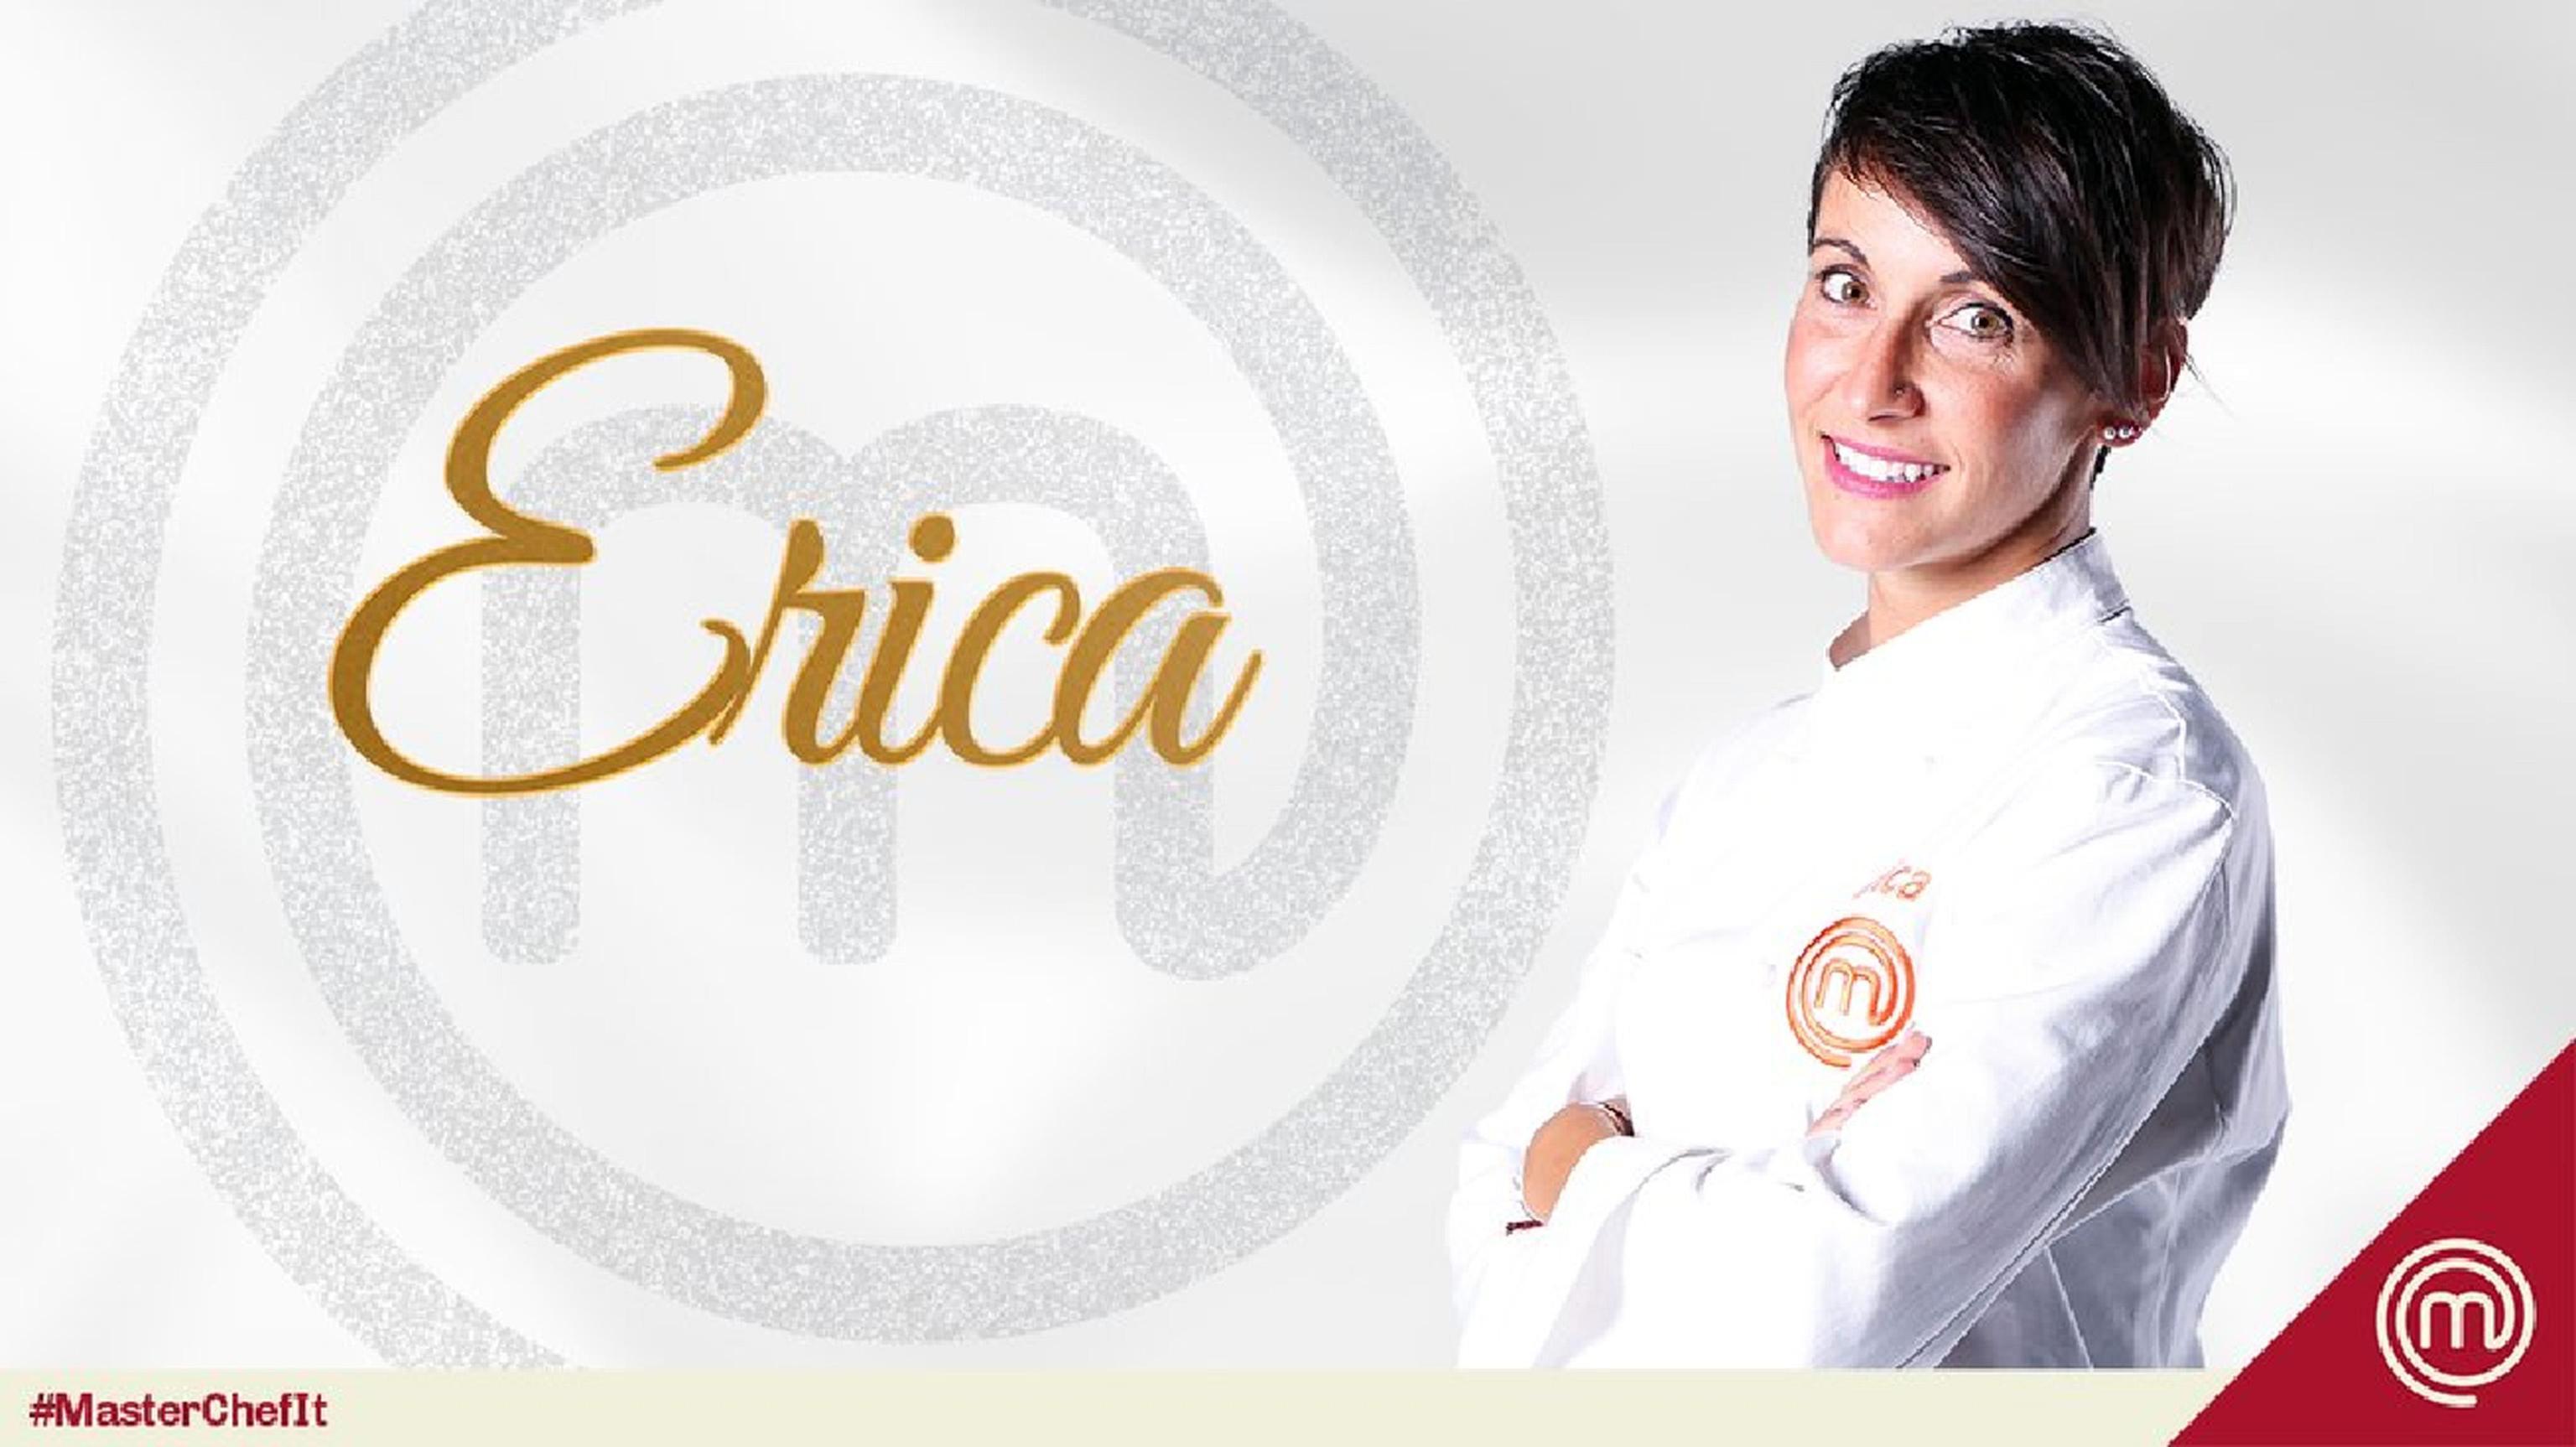 ++ Masterchef: vince Erica con la tradizione romagnola ++